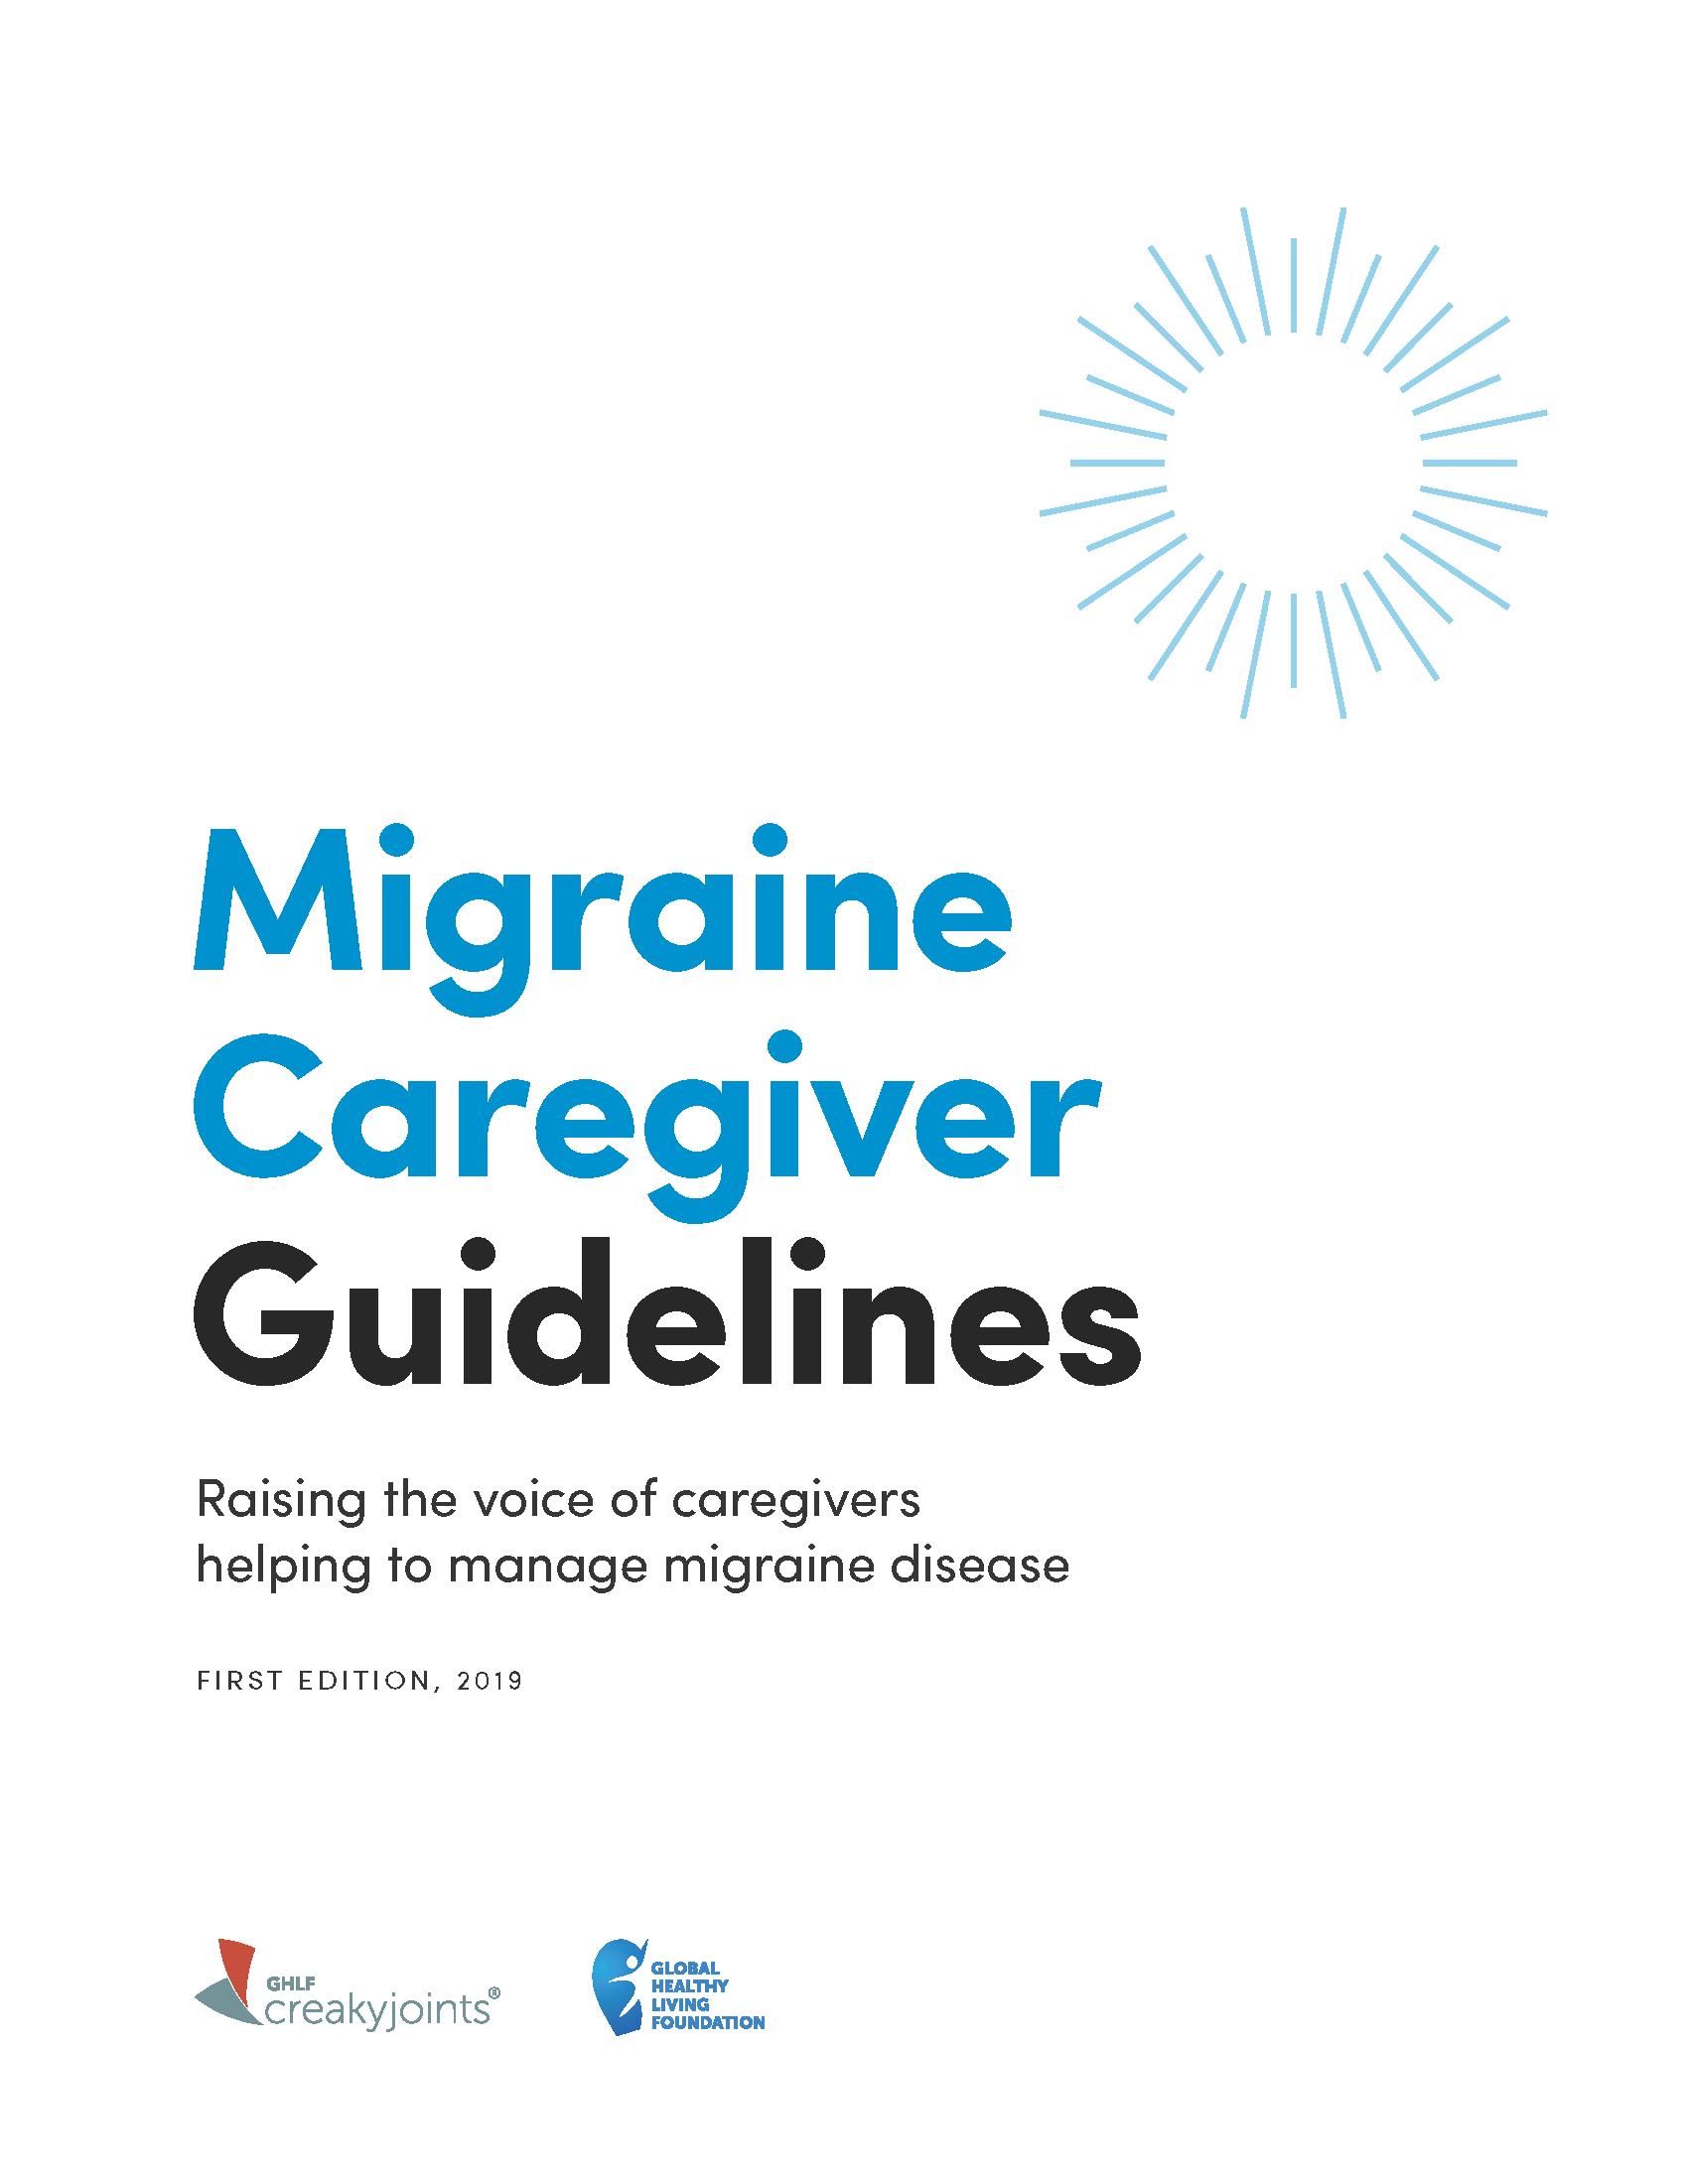 Migraine Caregiver Guidlines